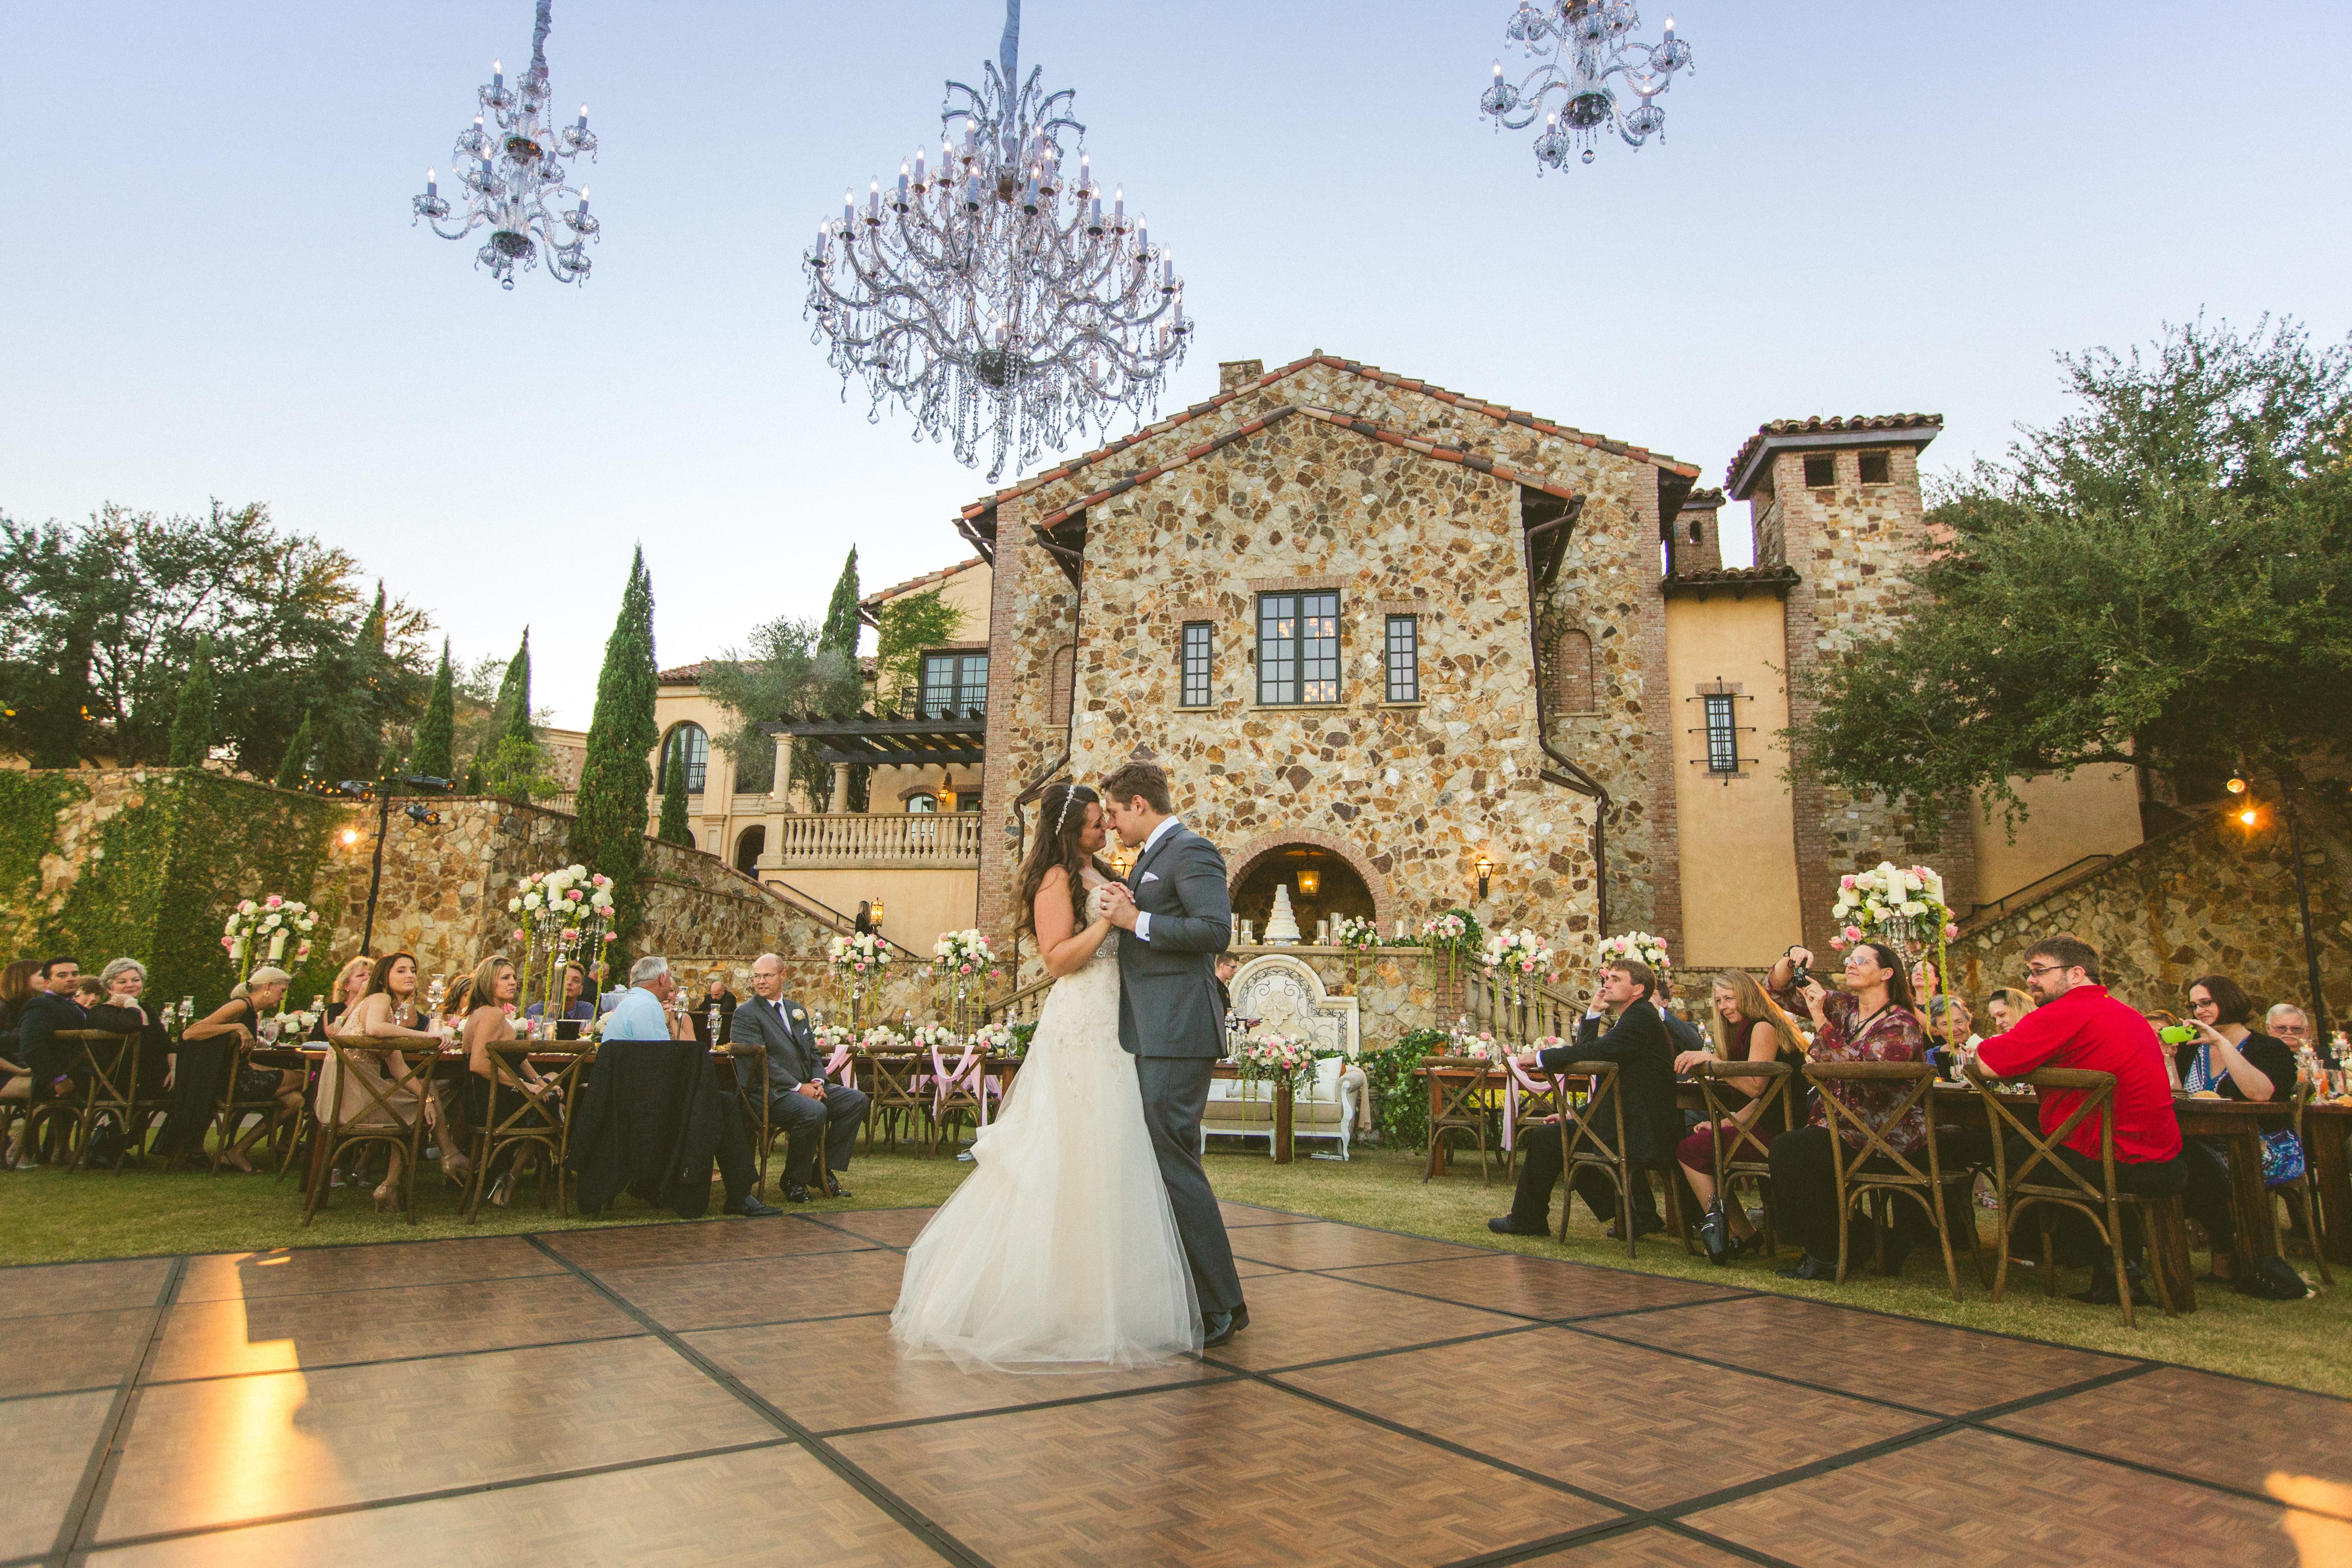 Breathtaking Outdoor Wedding - Signature Chandeliers